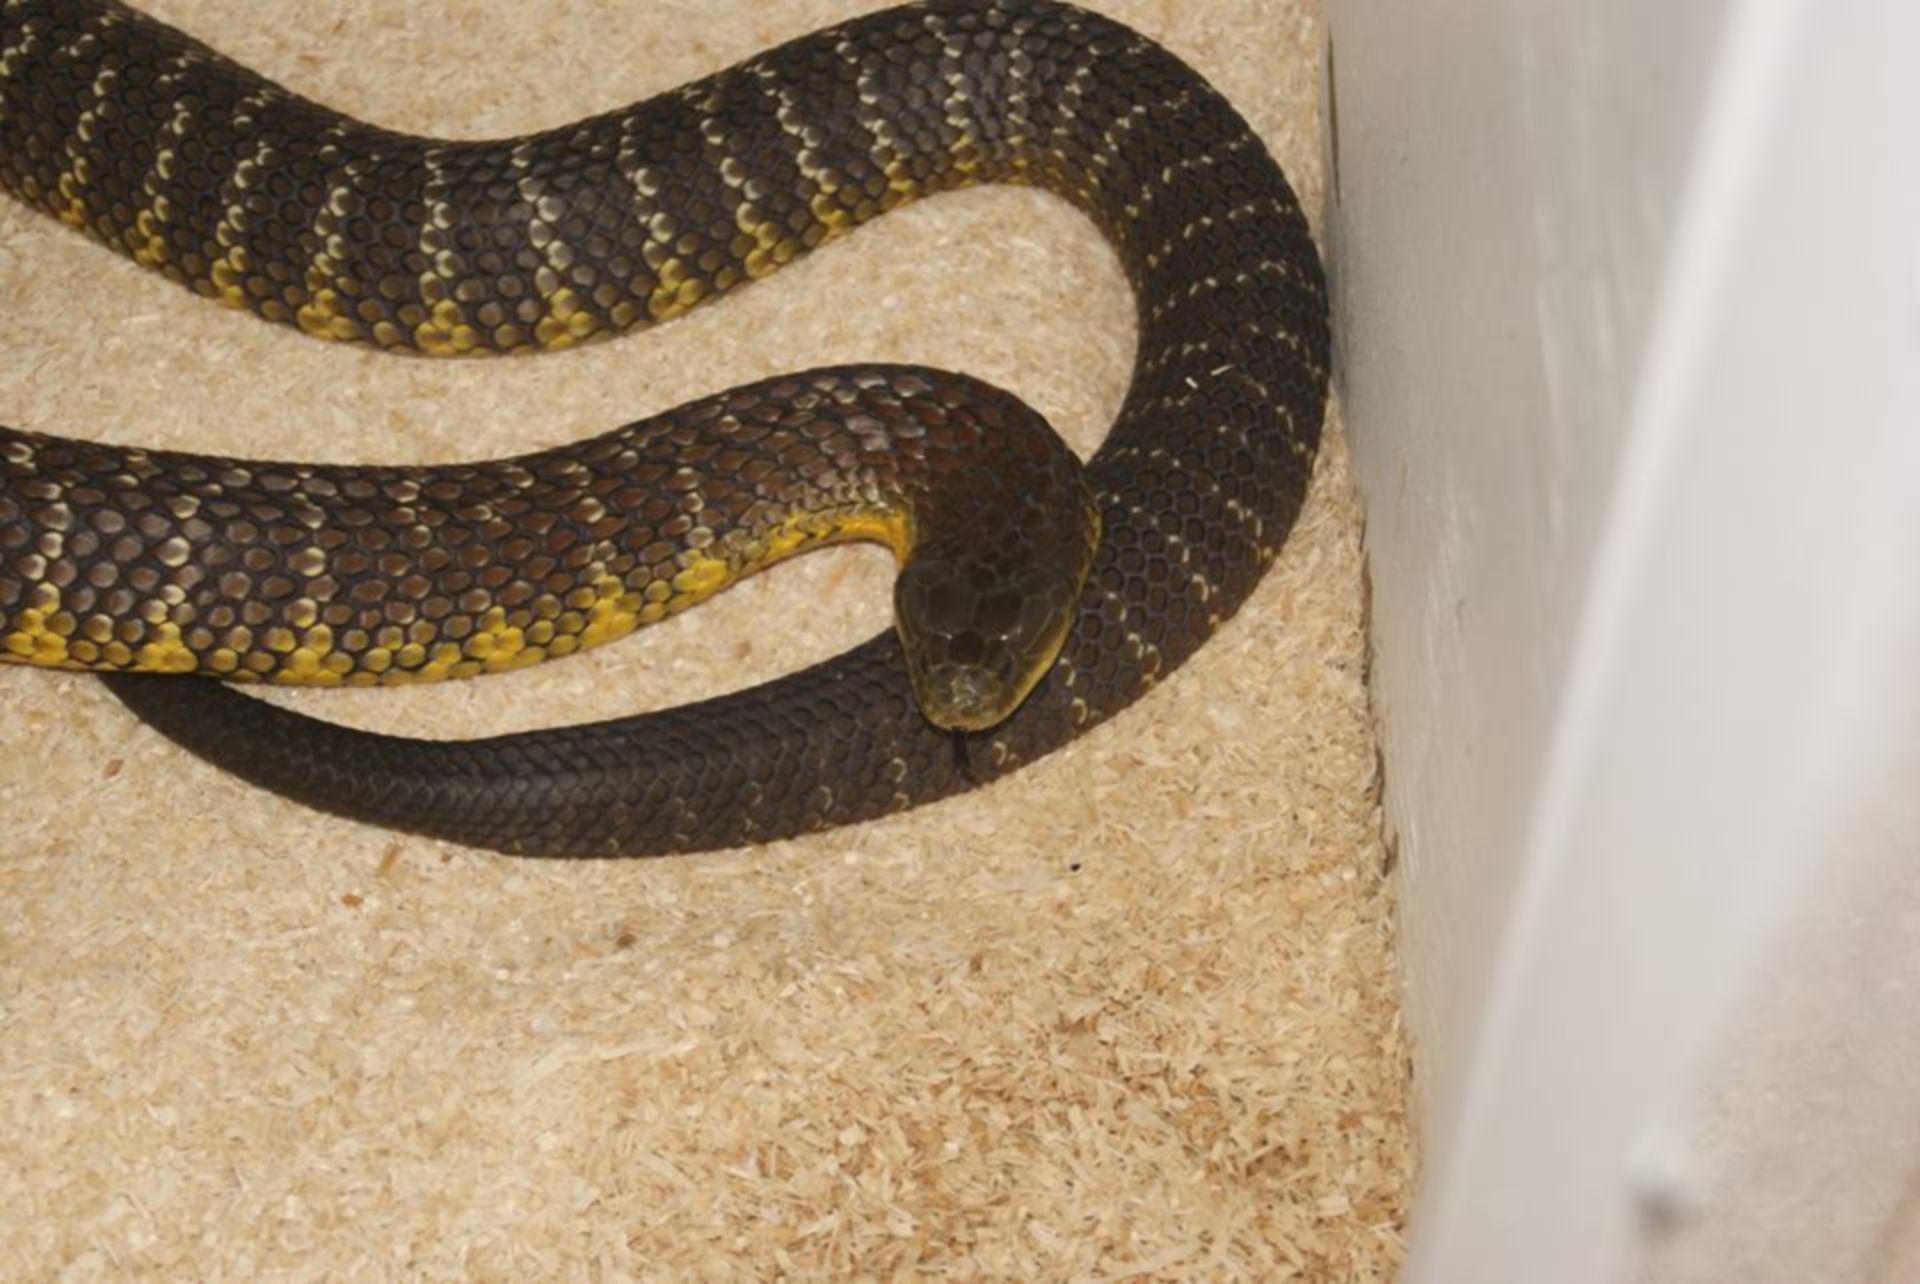 Notechis scutatus - tiger snake